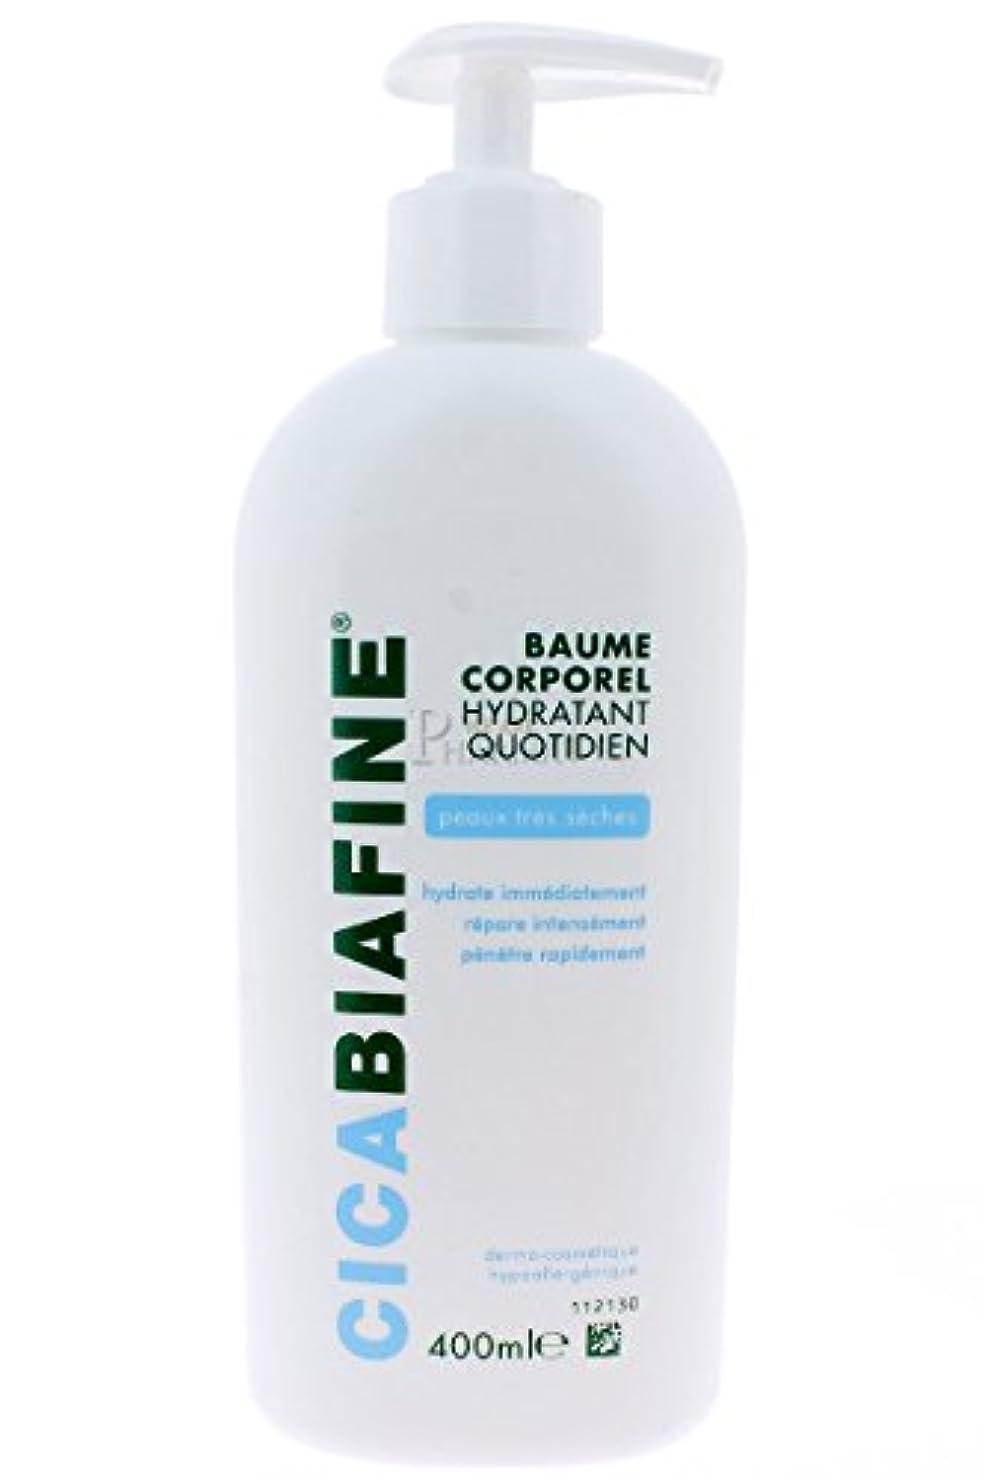 遺棄された仕様注釈を付けるCICABIAFINE Baume Hydratant Corporel Quotidien Peaux Tr鑚 S鐵hes (400 ml)